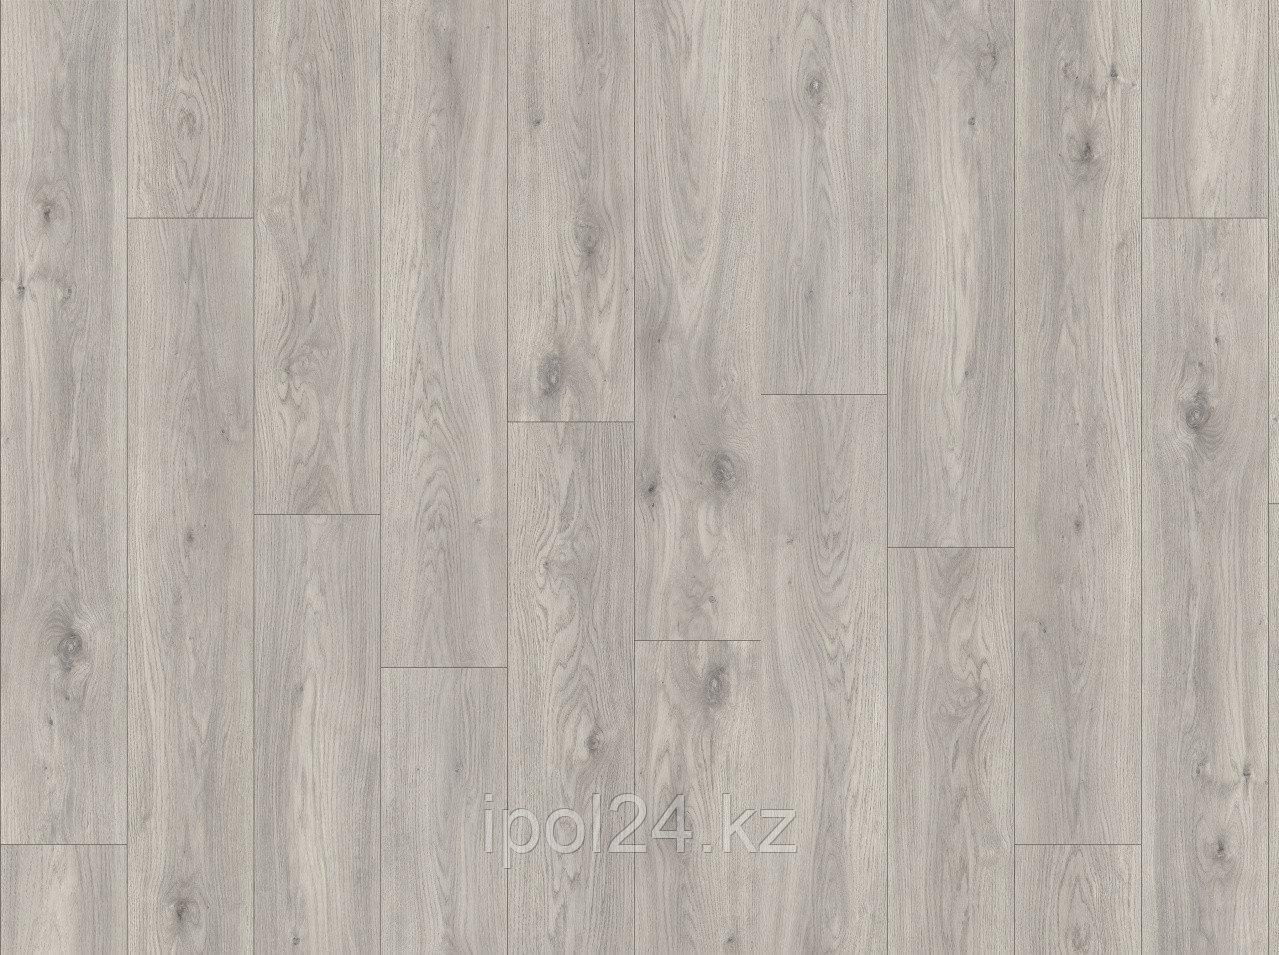 Виниловая плитка замковая Moduleo Impress SIERRA OAK 58936